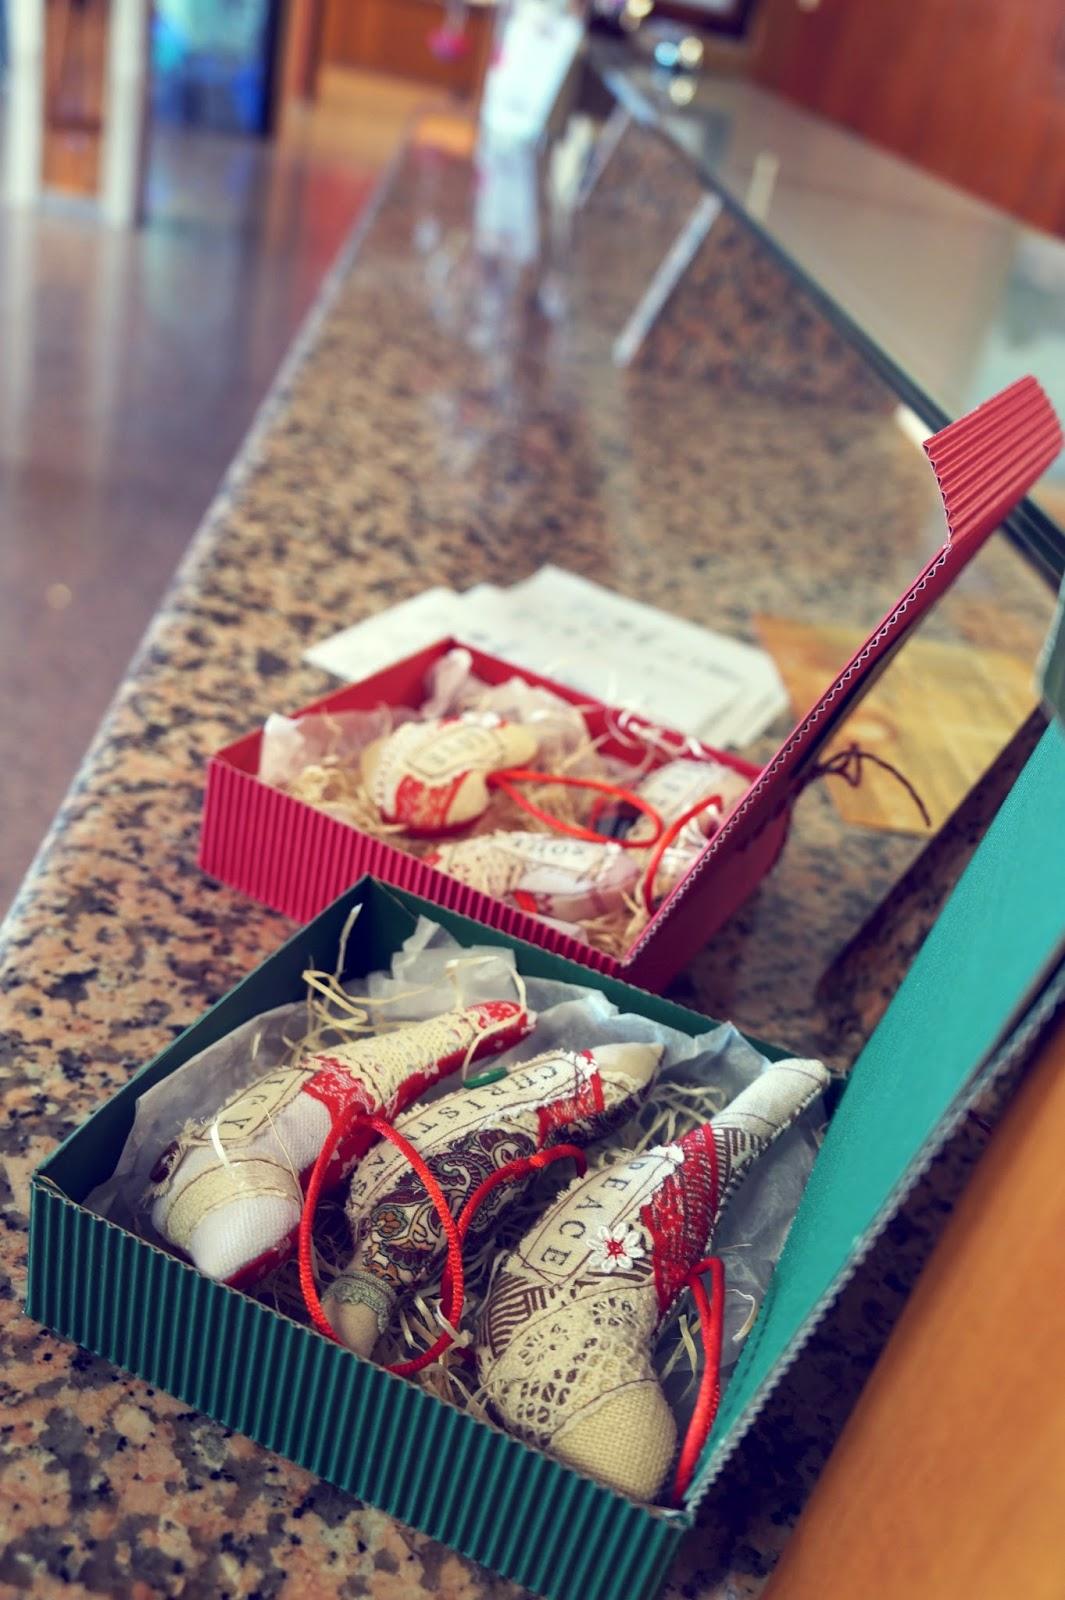 Lelleco Navidad: ornamentos navideños hechos a mano